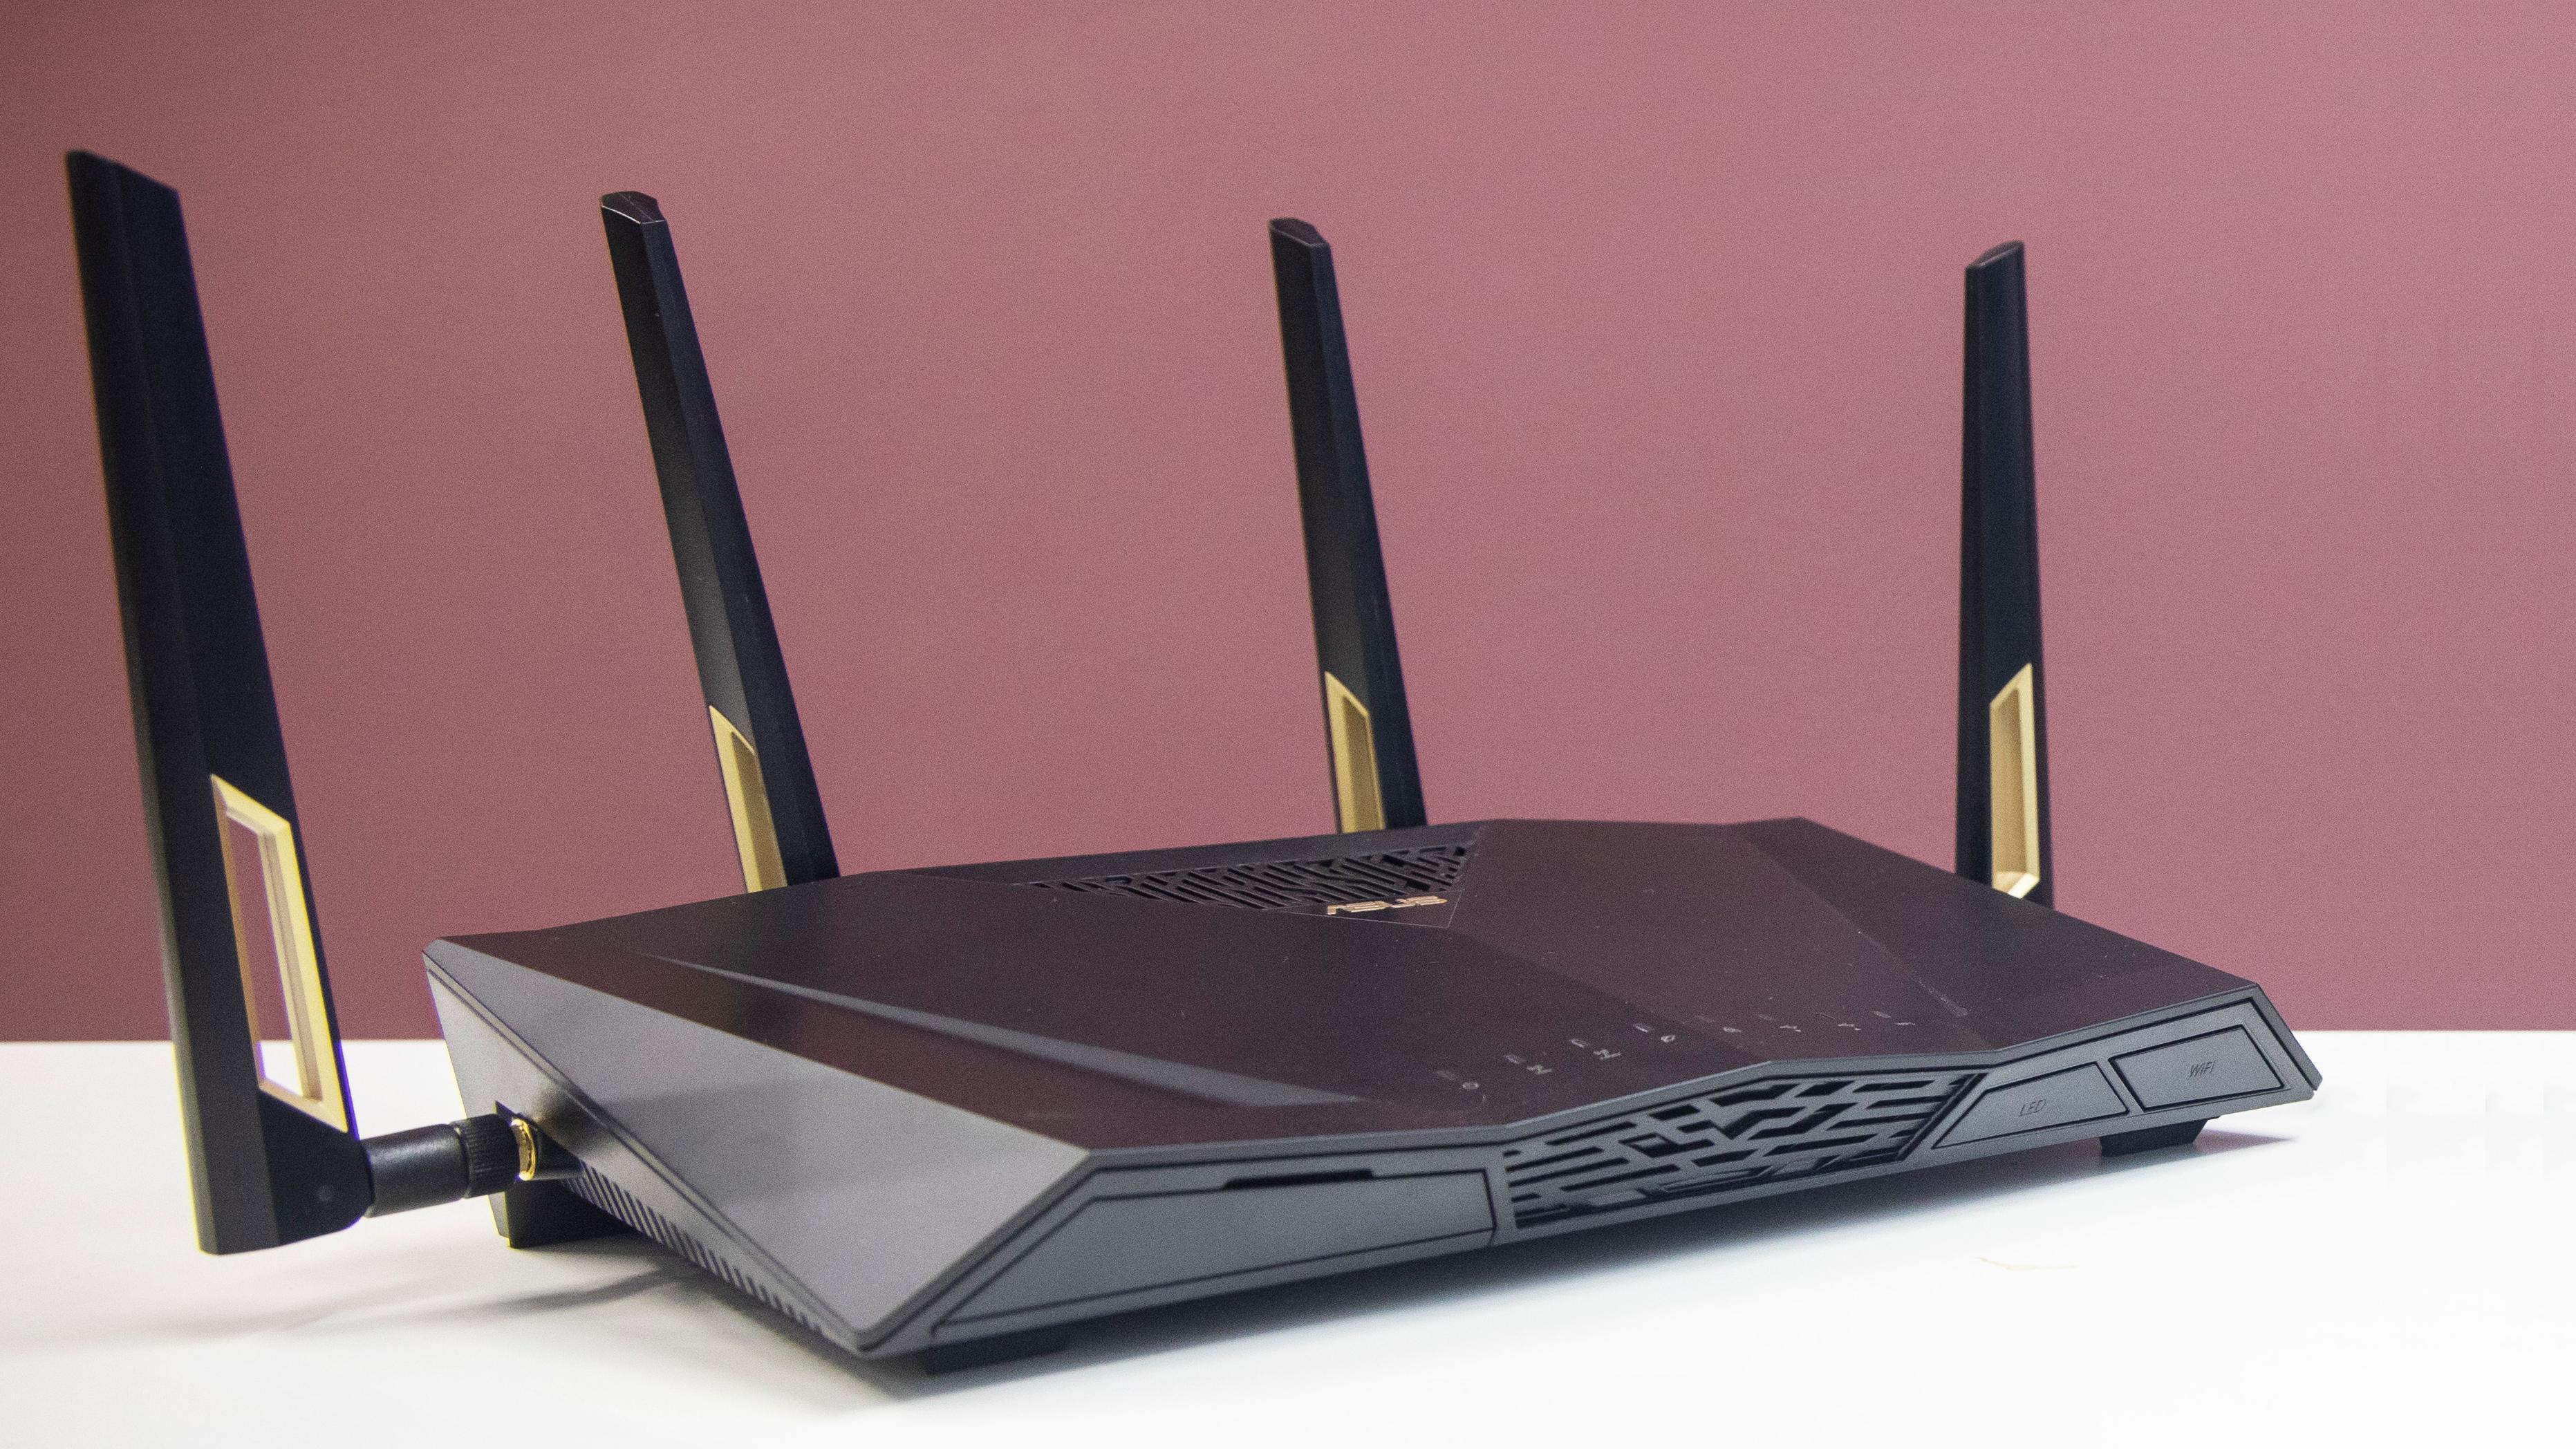 Forbrukerrådet og bredbåndsbransjen er uenige om hvordan man best sikrer raskt internett til flere fremover.